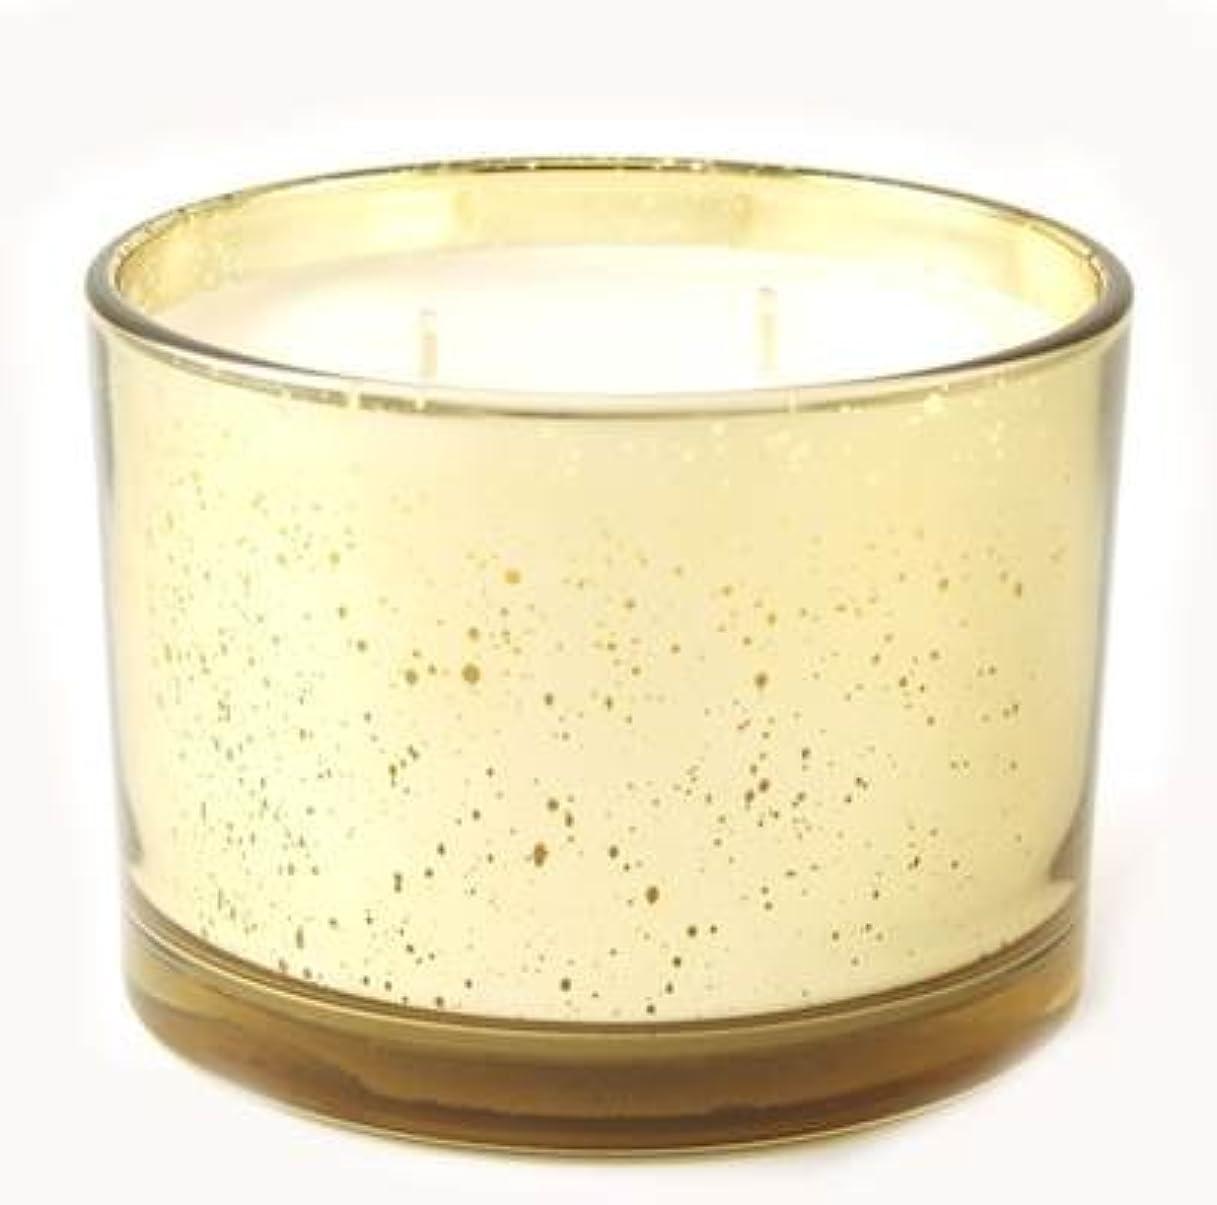 先のことを考えるラテン観光に行くDiva Tyler Statureゴールドonゴールド16oz香りつきJar Candle